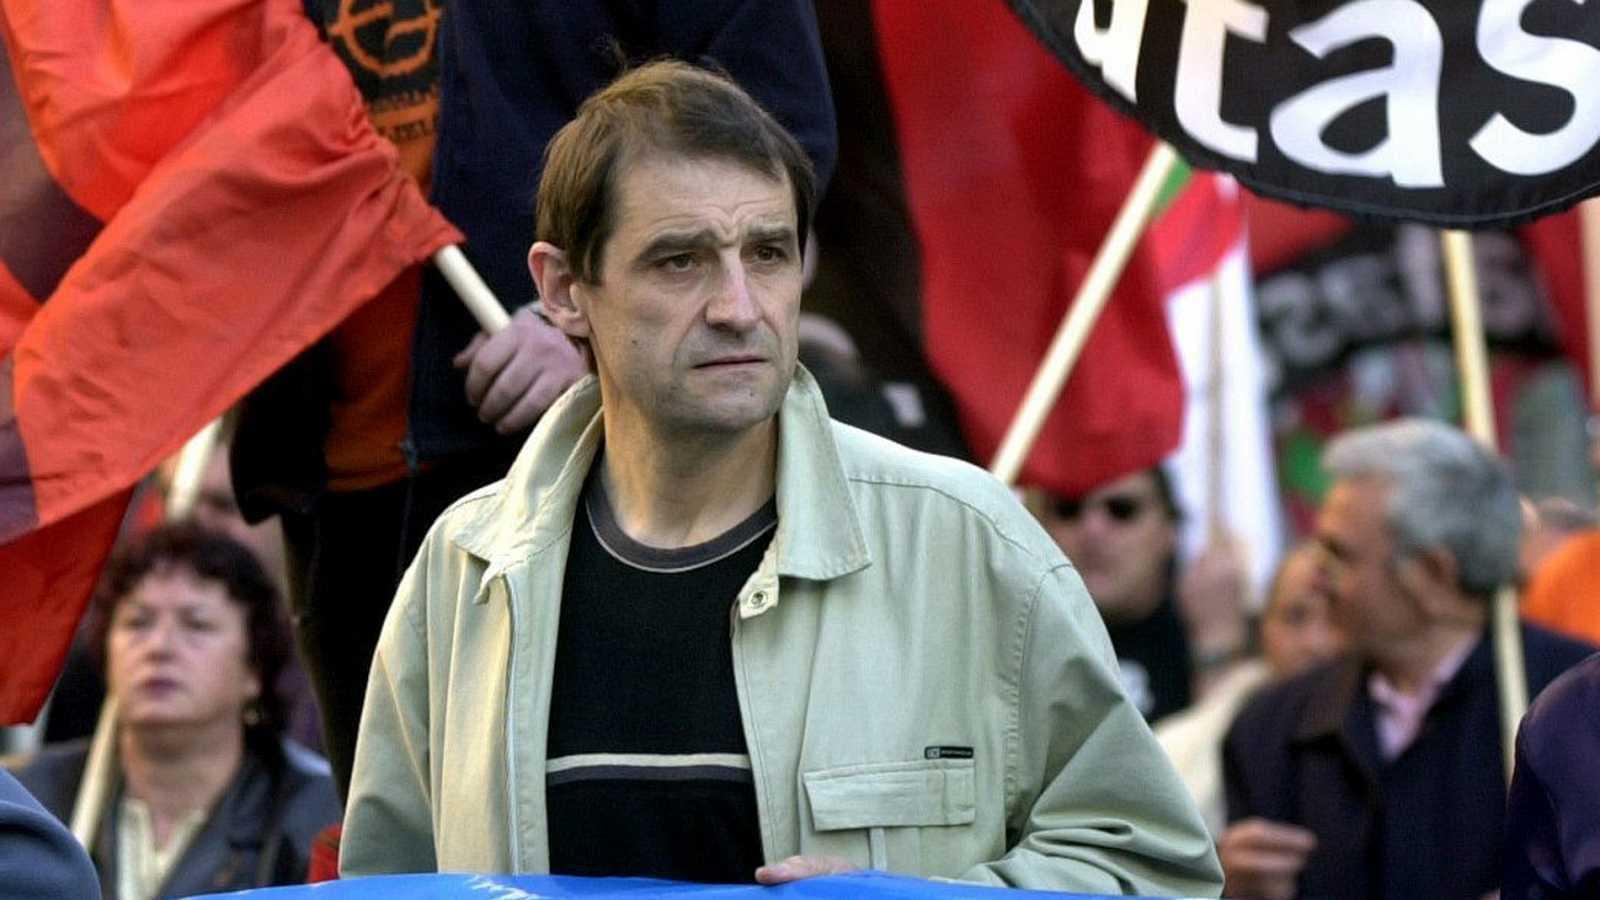 Imagen de archivo en la que aparece el exjefe de ETA José Antonio Urrutikoetxea, alias Josu Ternera.